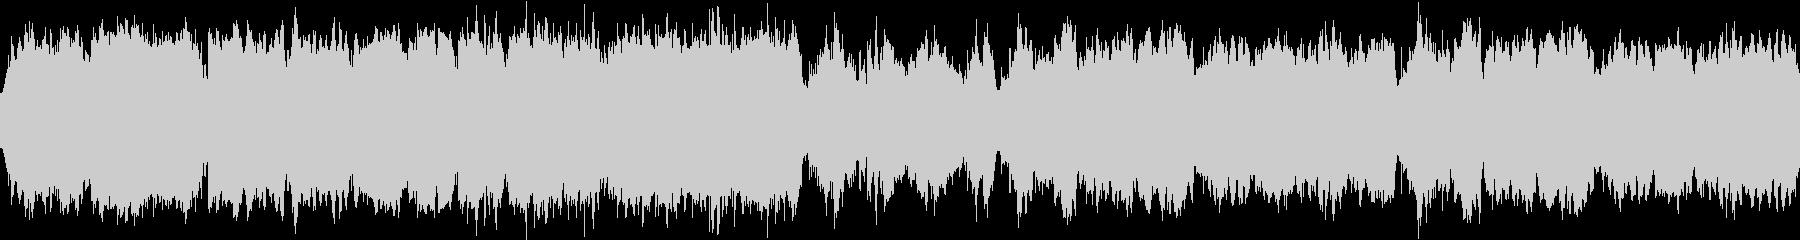 不吉な予感 ループの未再生の波形